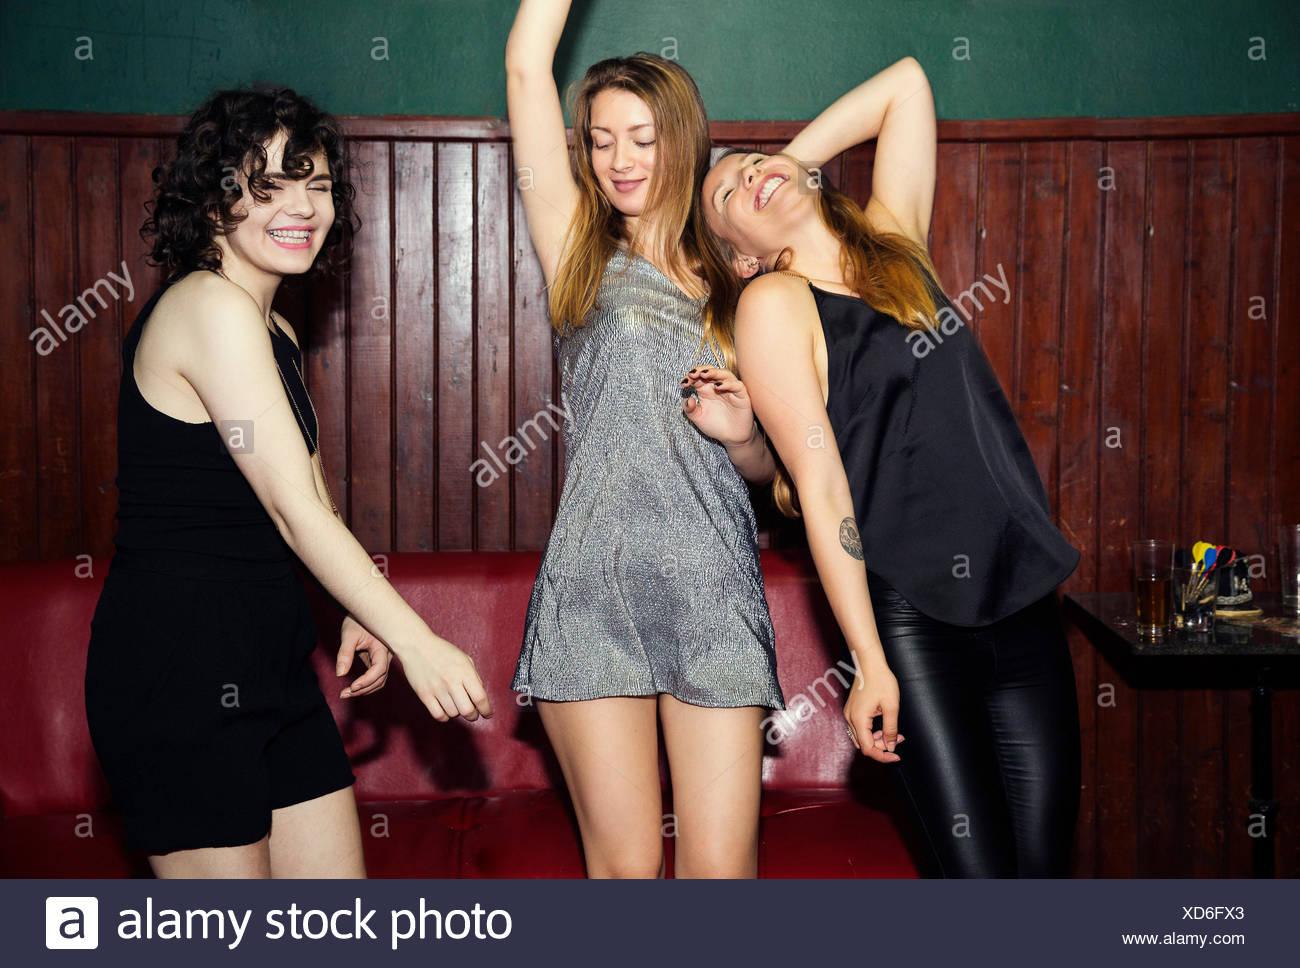 Drei Erwachsene Freundinnen zusammen tanzen im club Stockbild